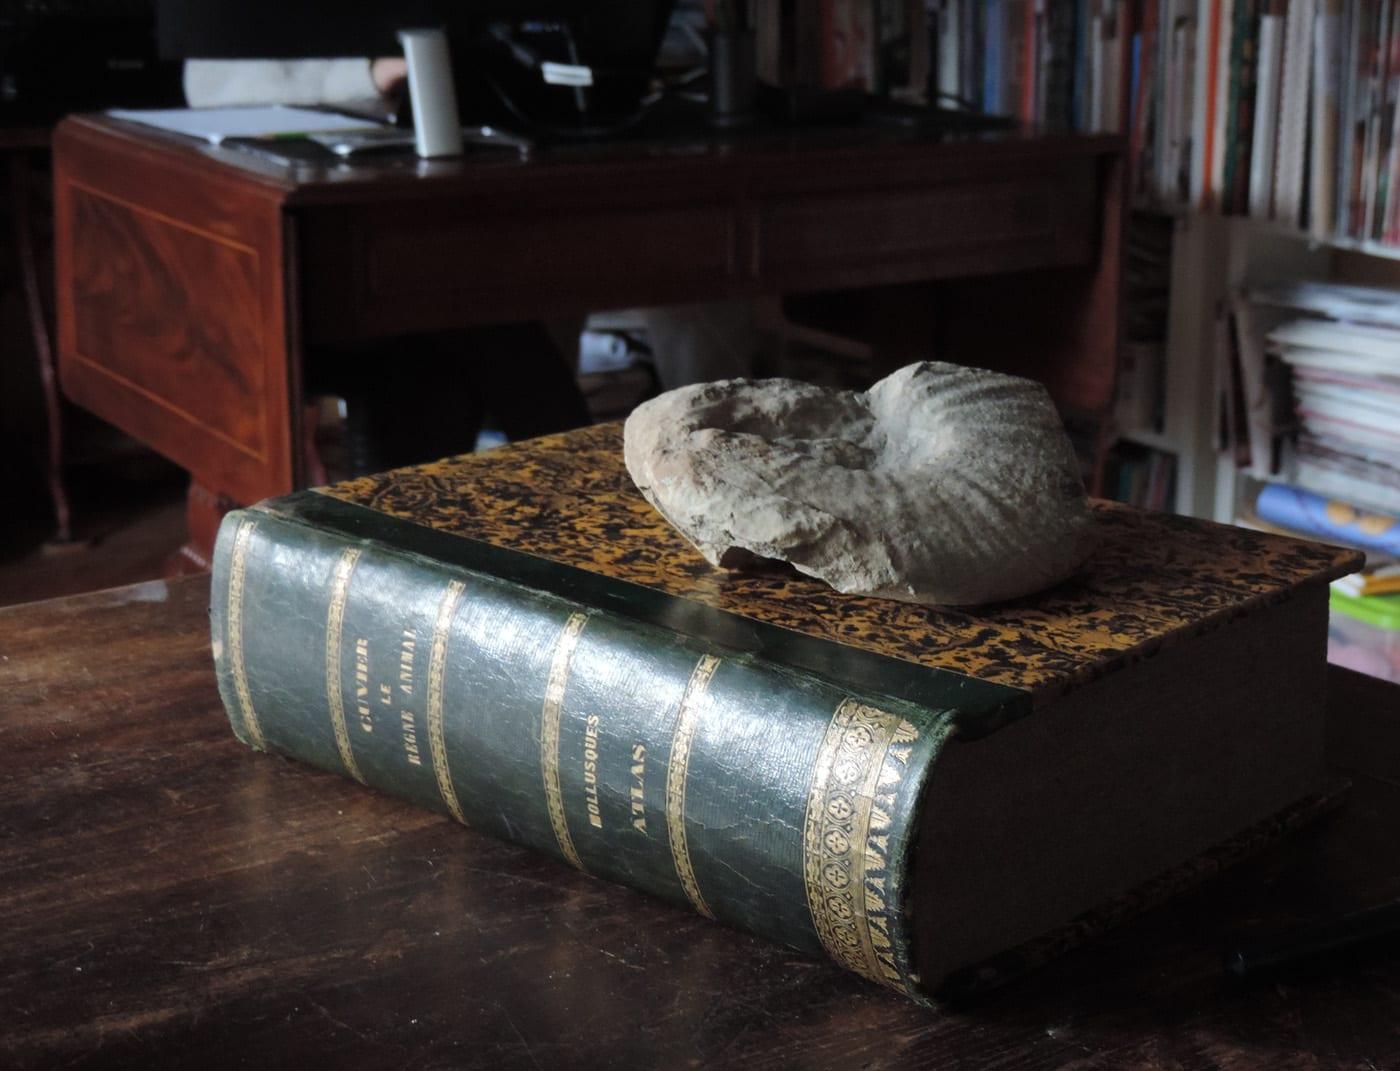 Sarà stata un'ammonite la conchiglia fossile del poeta Zanella?